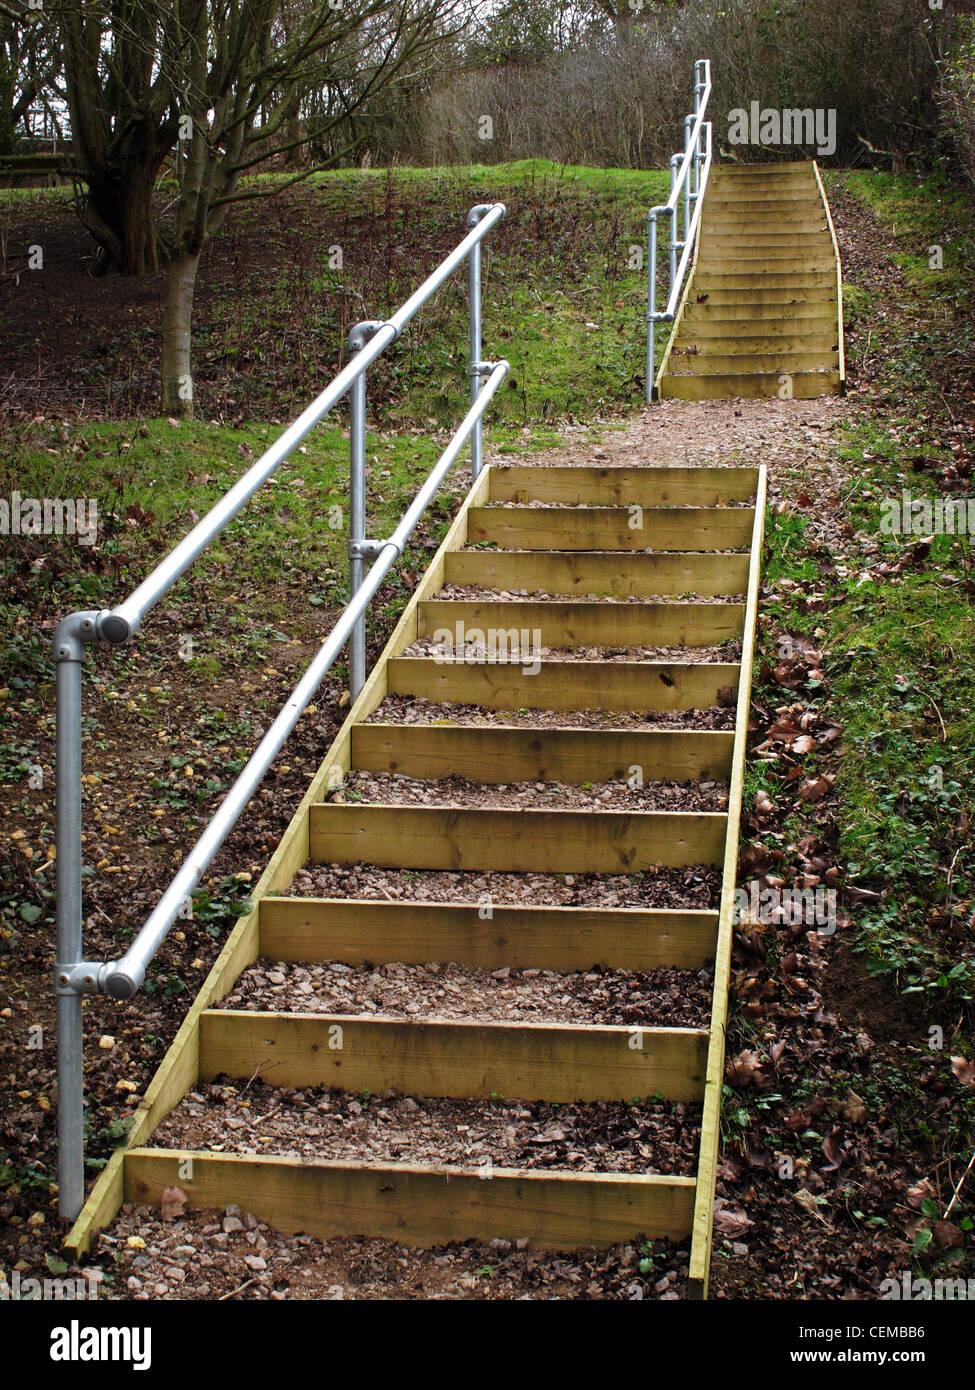 Un escalier sur un sentier en pleine nature, avec une main courante pour la sécurité des marcheurs Photo Stock